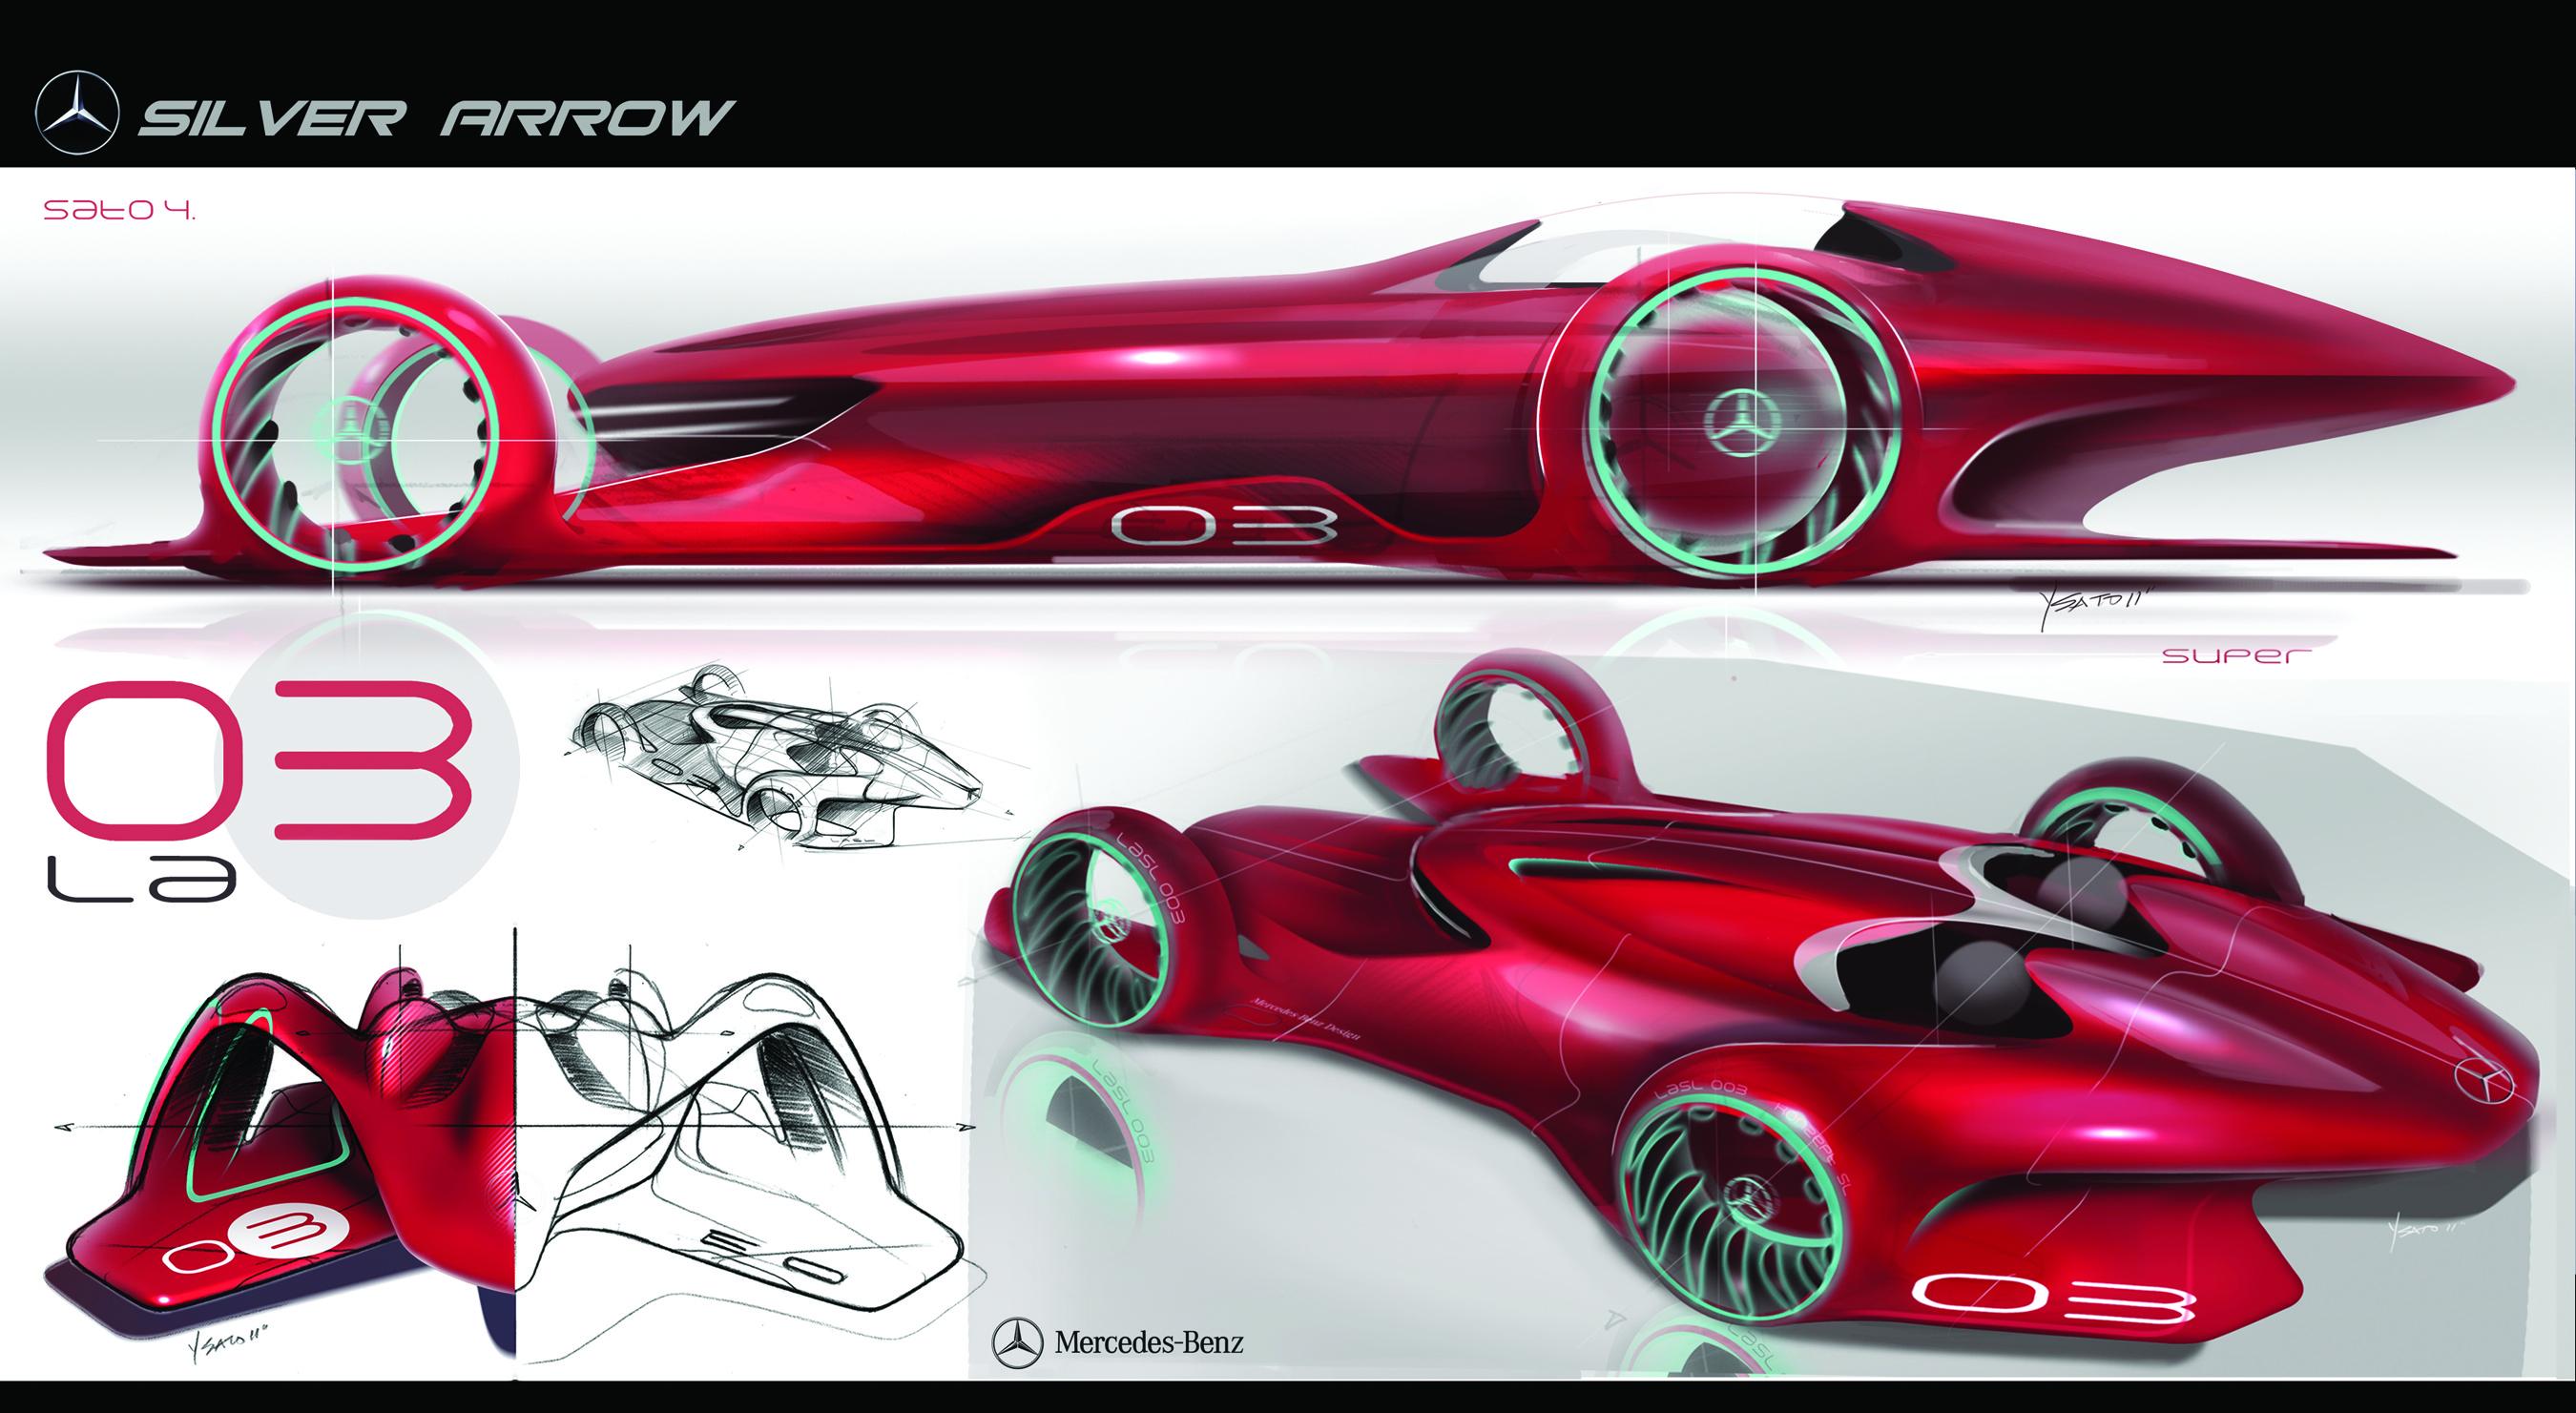 Mercedes tauft seinen Entwurf Silver Arrow, auch wenn die Studie in Rot daherkommt